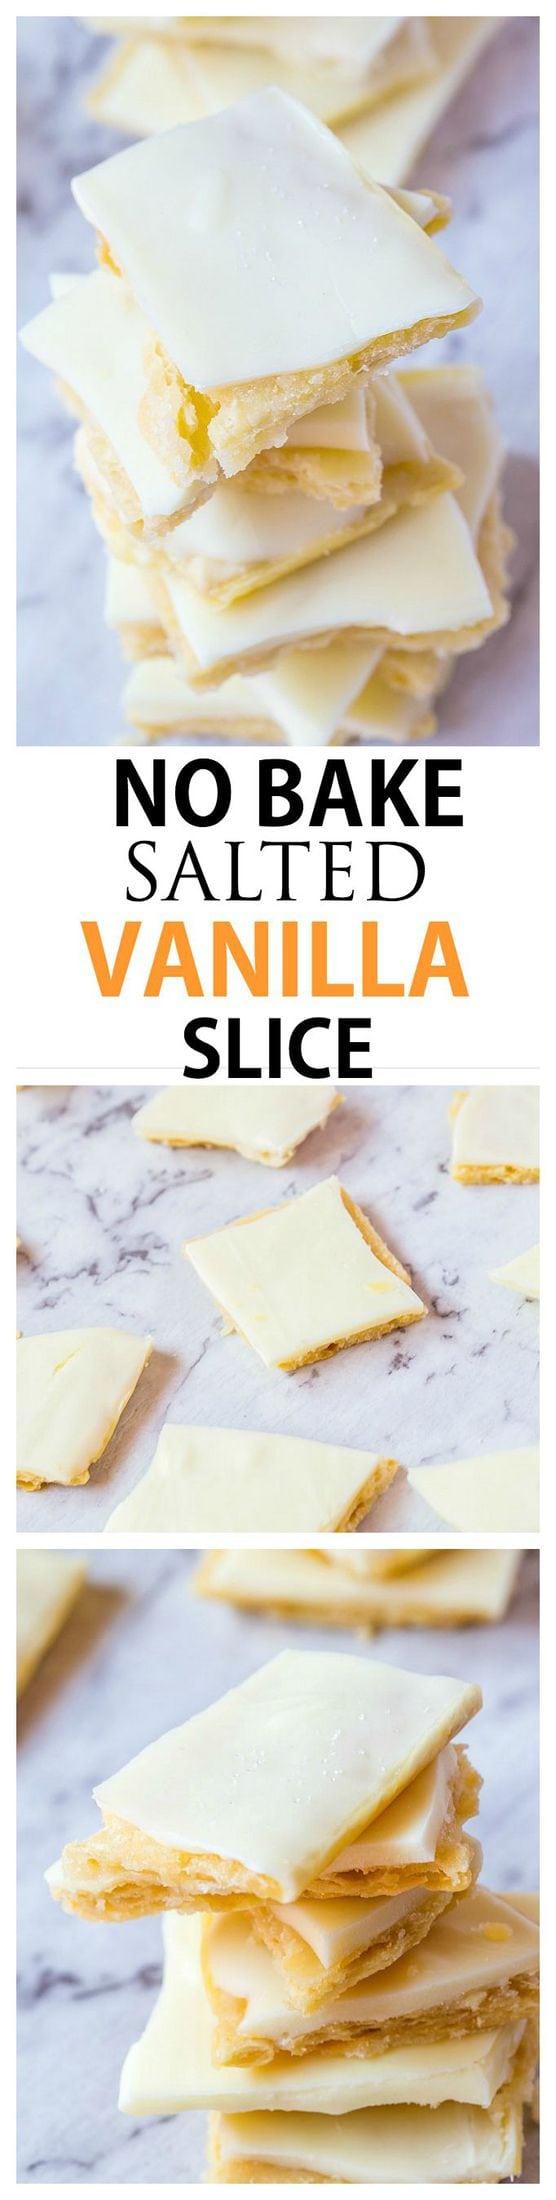 Healthy No Bake Salted Vanilla Slice